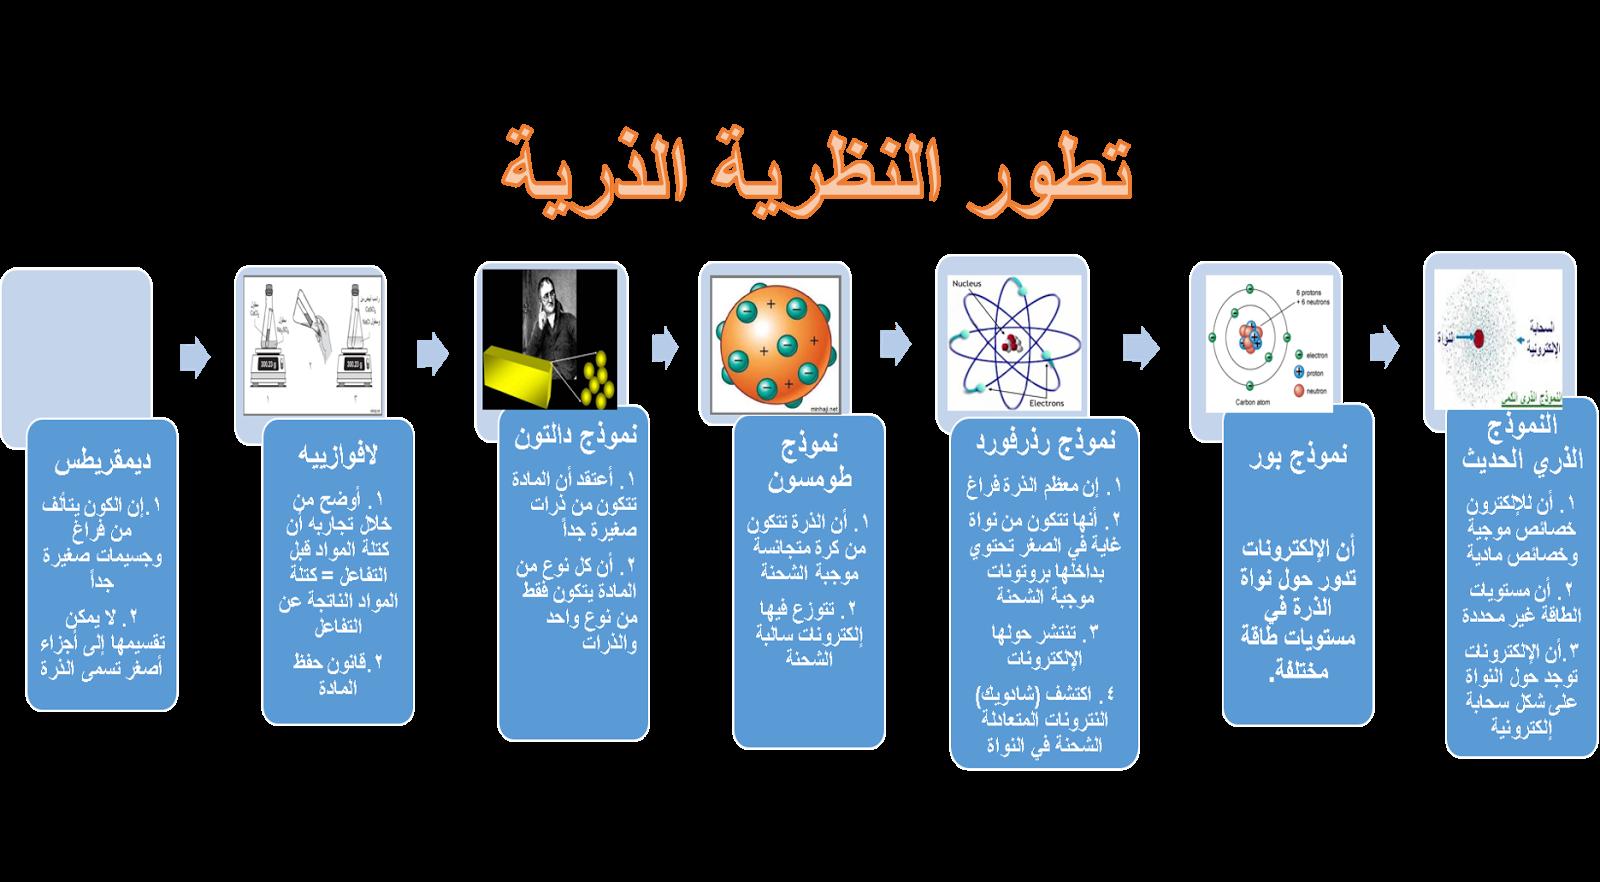 العلوم نظام حياة Blog Posts Blog Electronic Products